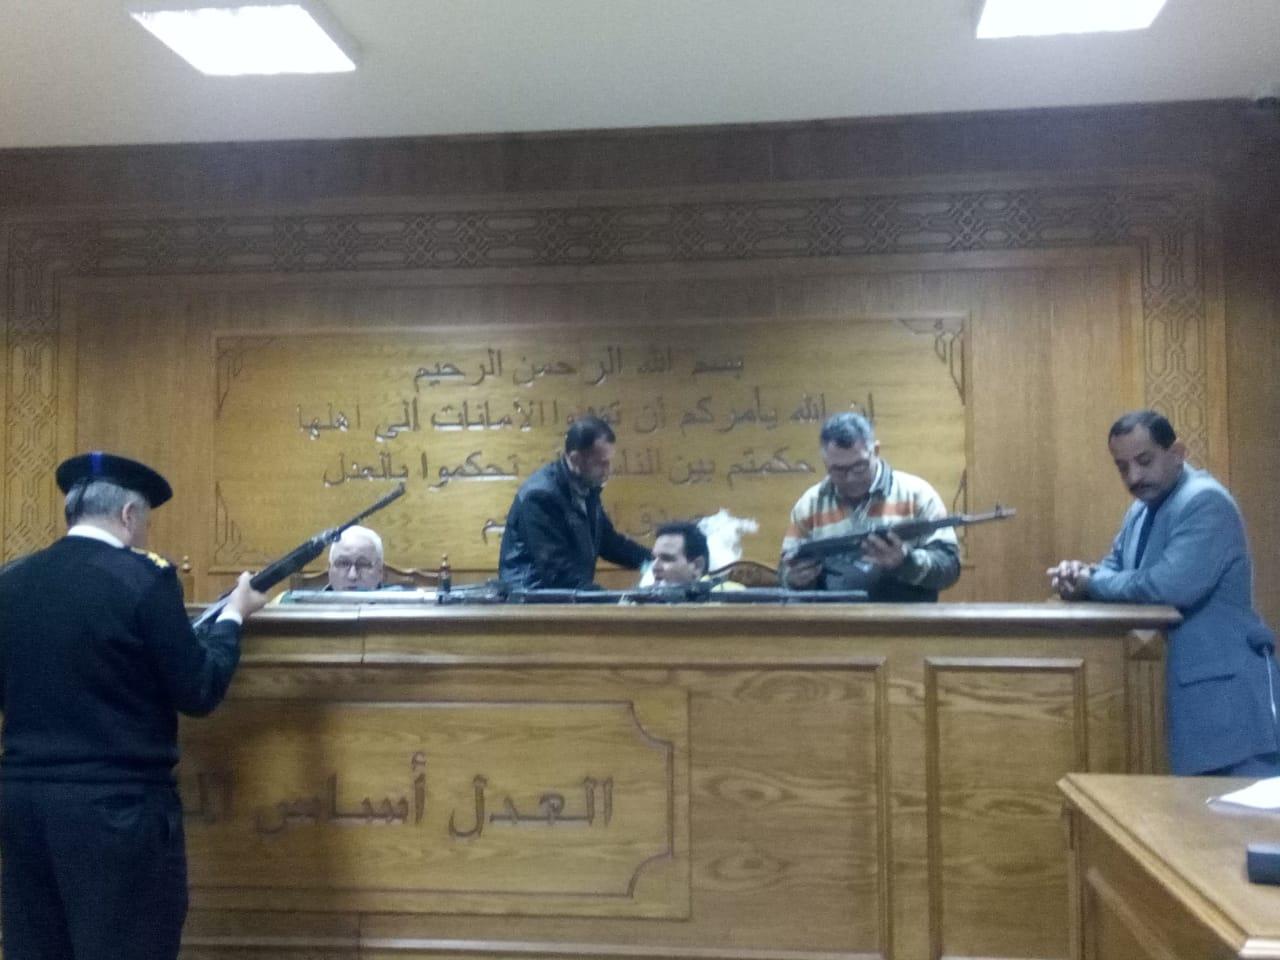 هيئة المحكمة برئاسة المستشار محمد سعيد الشربينى تفض احراز العائدون من ليبيا (4)